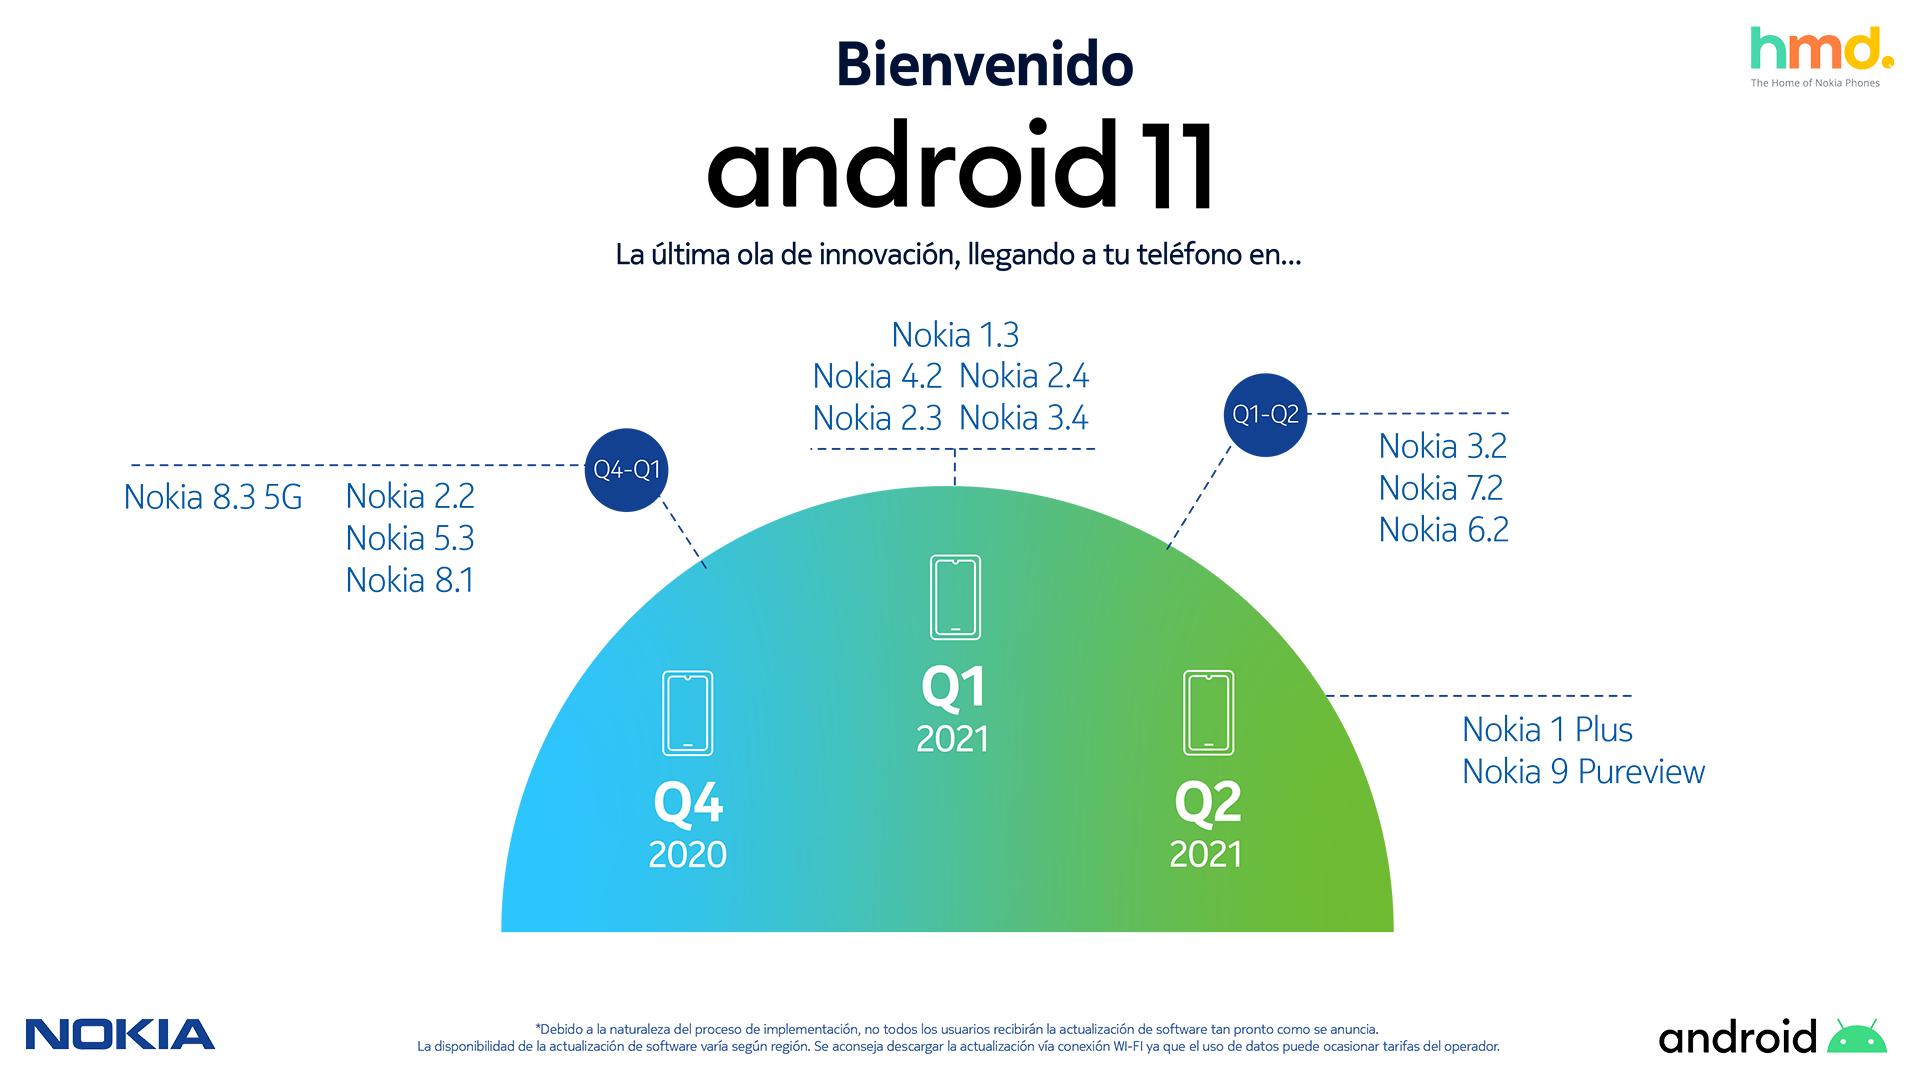 HMD continúa actualizando el Android en todo su portafolio de smartphones Nokia